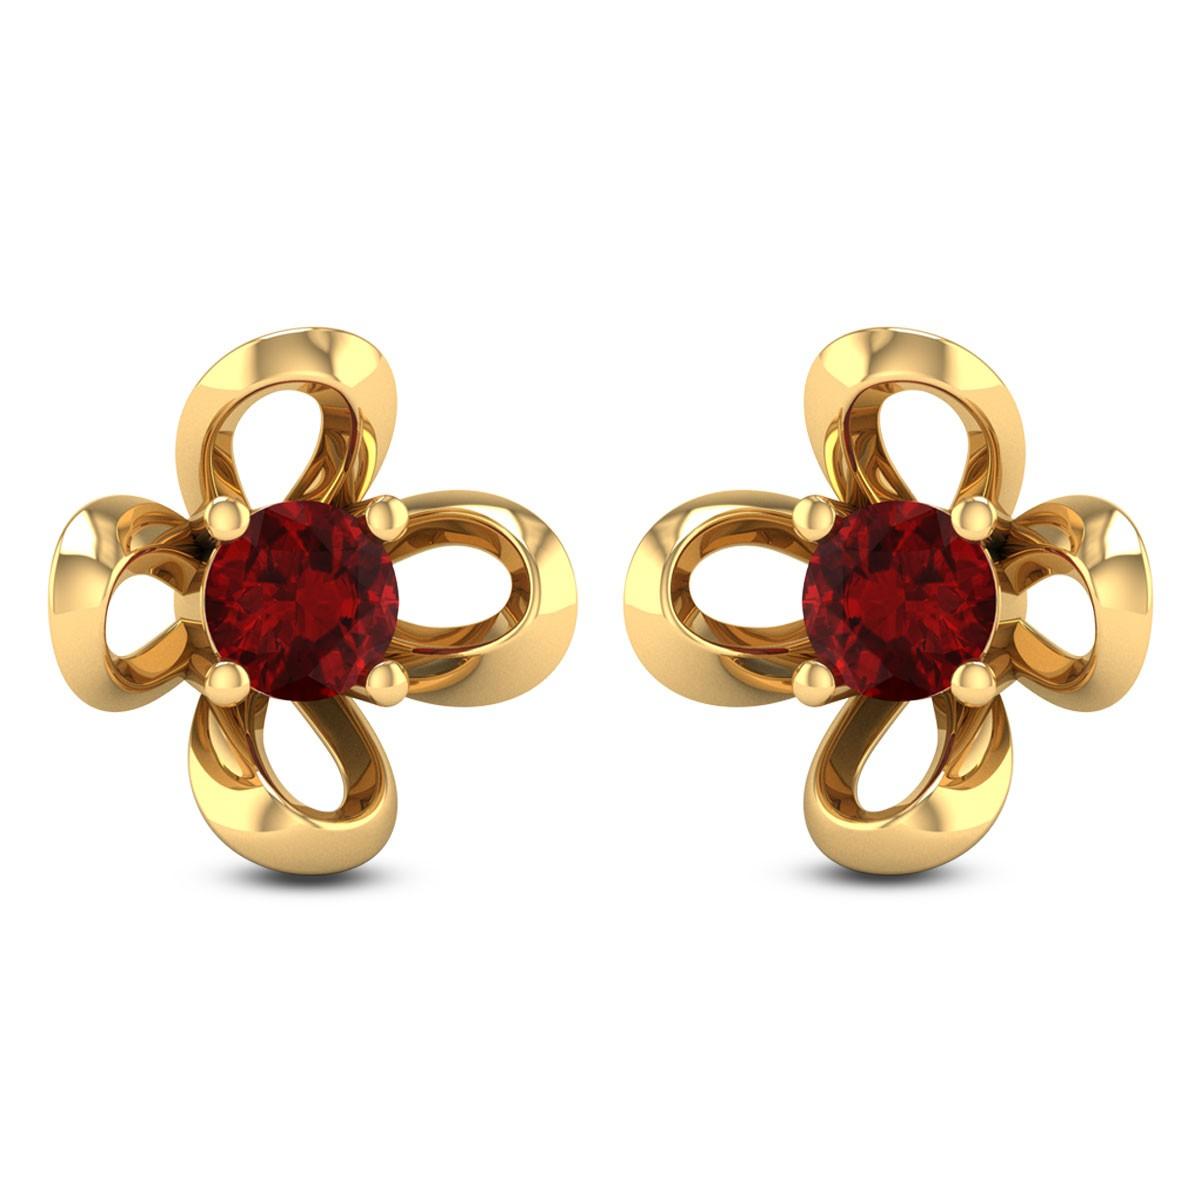 Jacaranda Stud Earrings